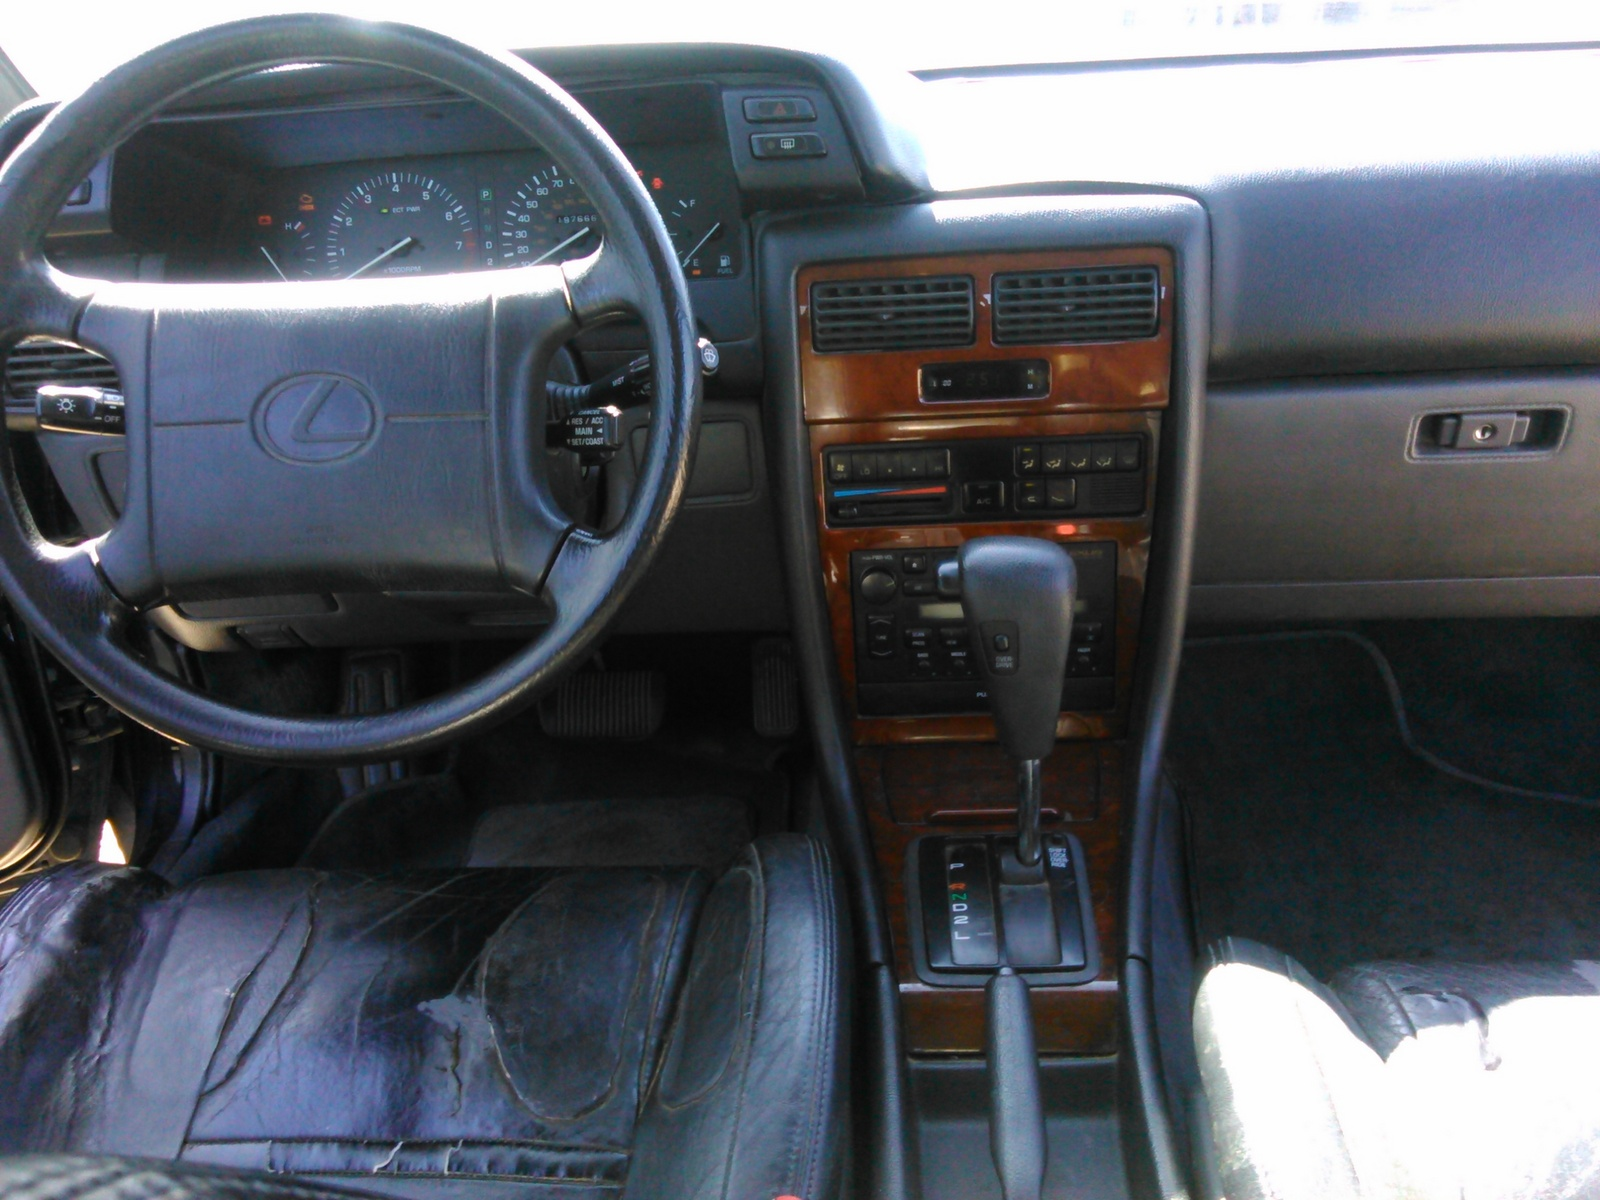 1990 Lexus Es 250 Interior Pictures Cargurus